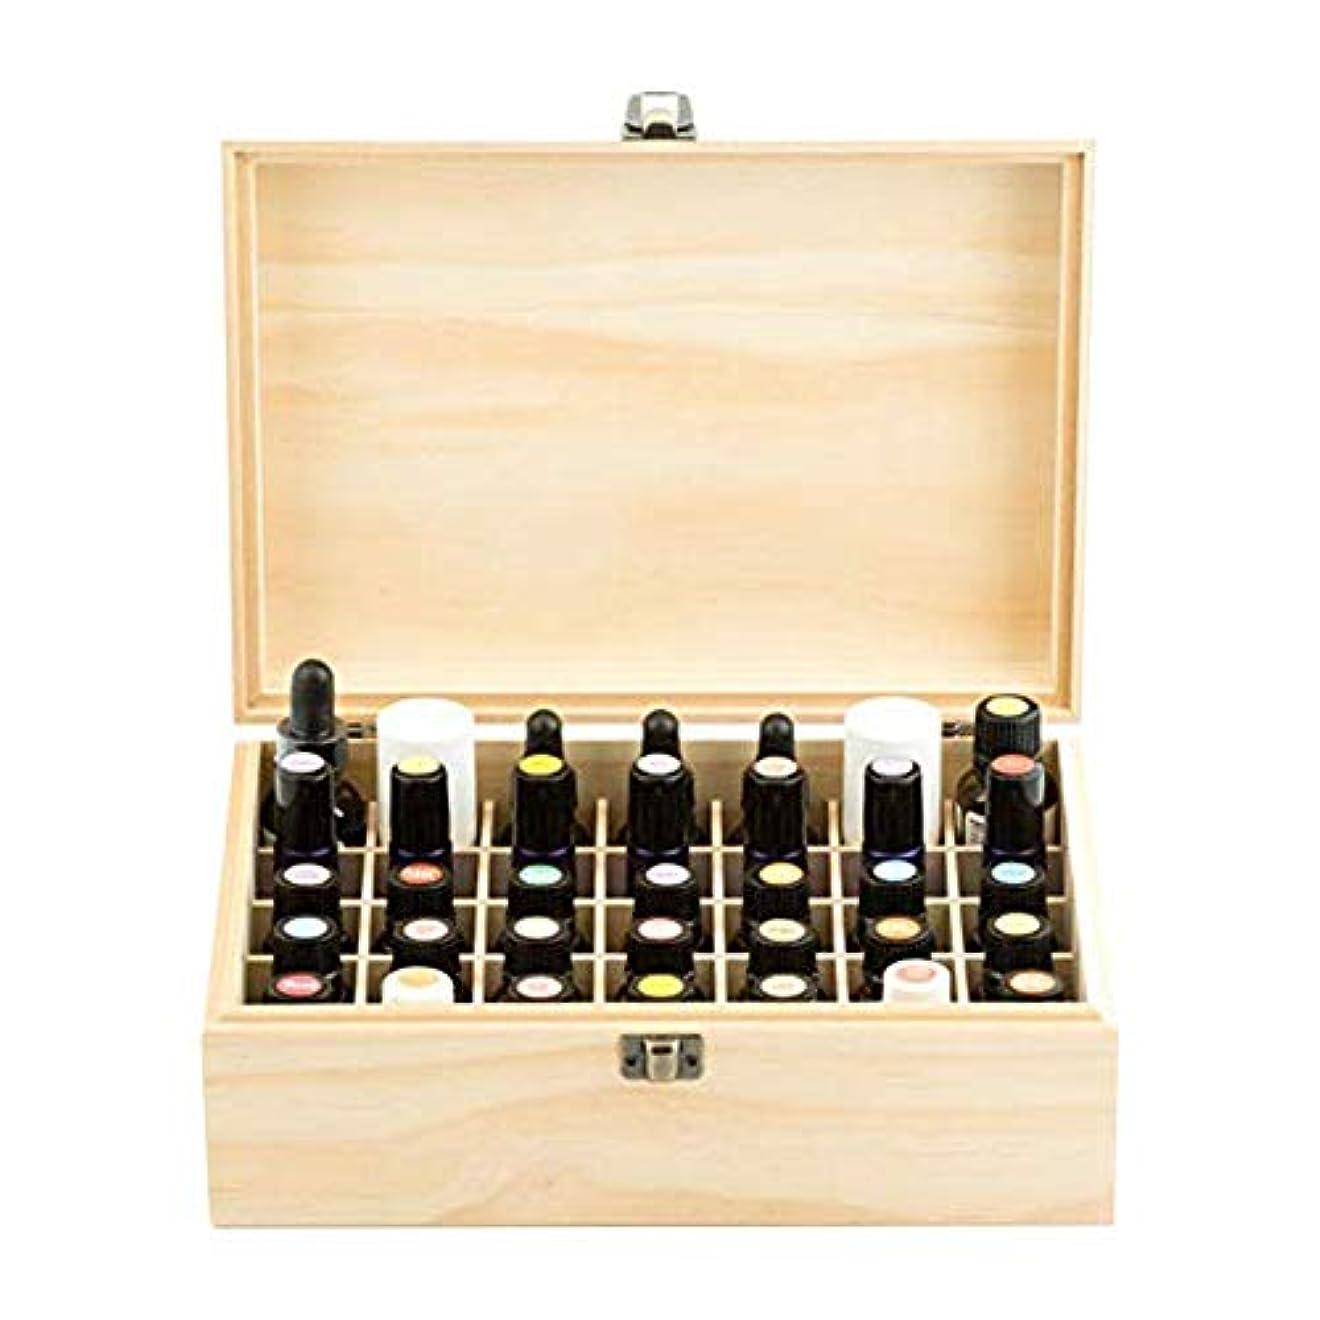 活発ジャケットワーディアンケースエッセンシャルオイル収納ボックス 純木の精油の収納箱 香水収納ケース アロマオイル収納ボックス 35本用